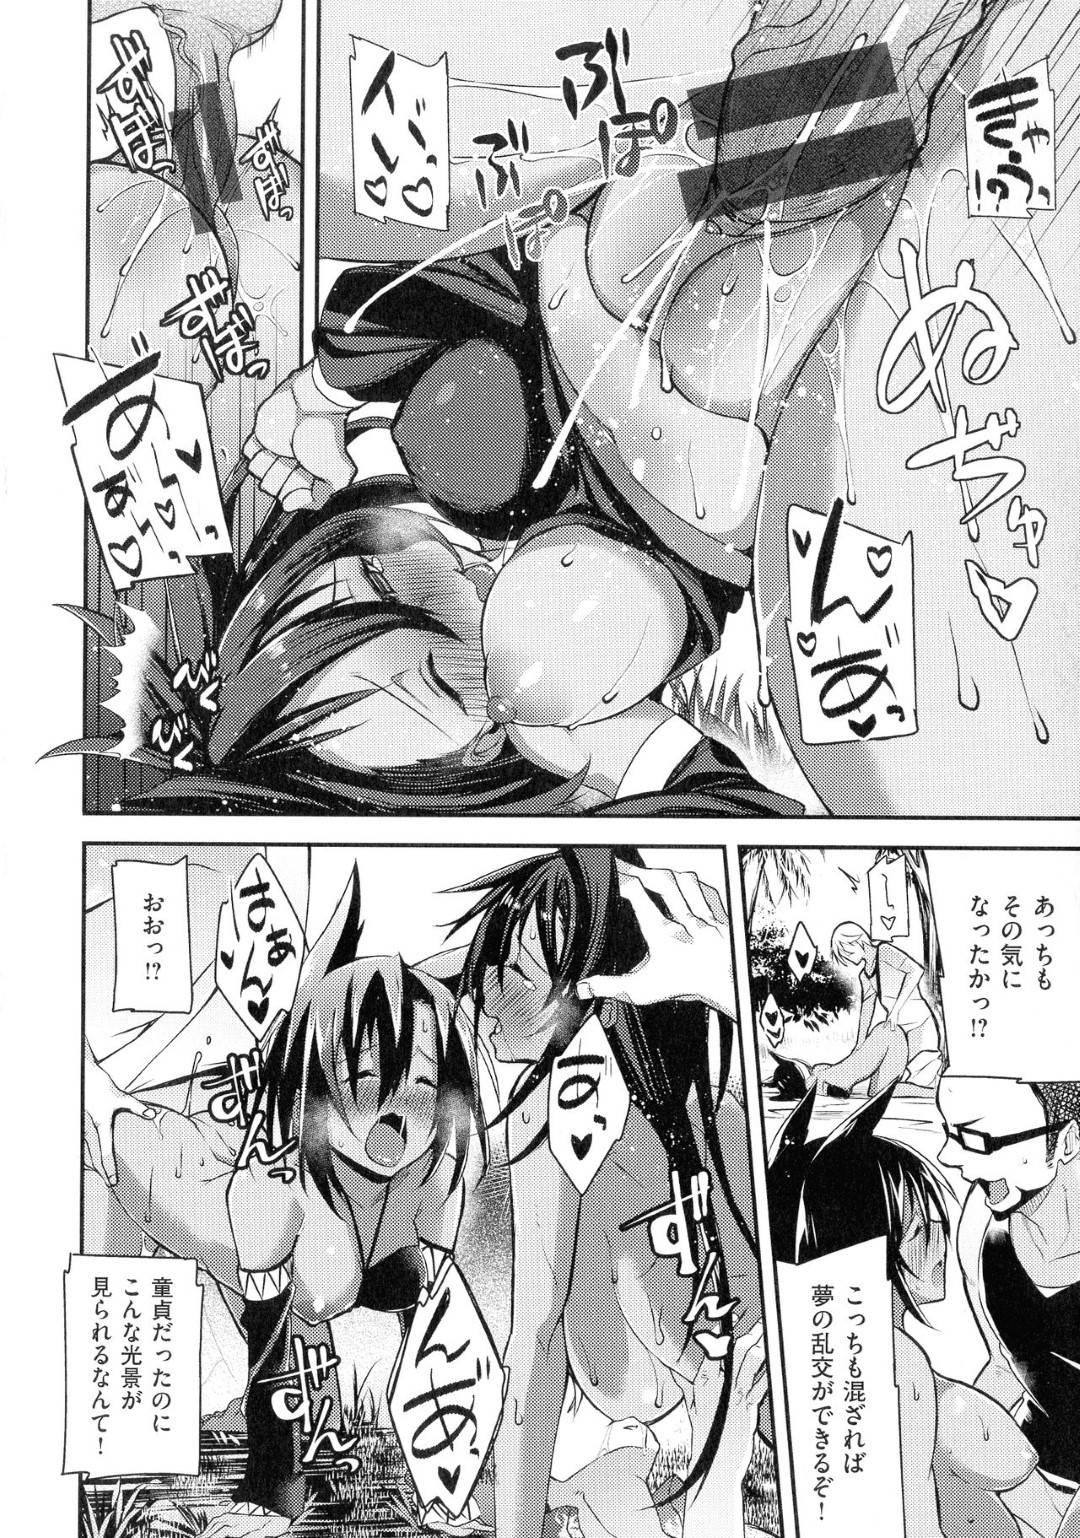 【エロ漫画】突然祖父から研究のために男手が欲しいと島に呼ばれた男...島にいる娘たちは皆媚薬で興奮状態なので複数人と連続中出しセックス【Shingo.:南国パッション】